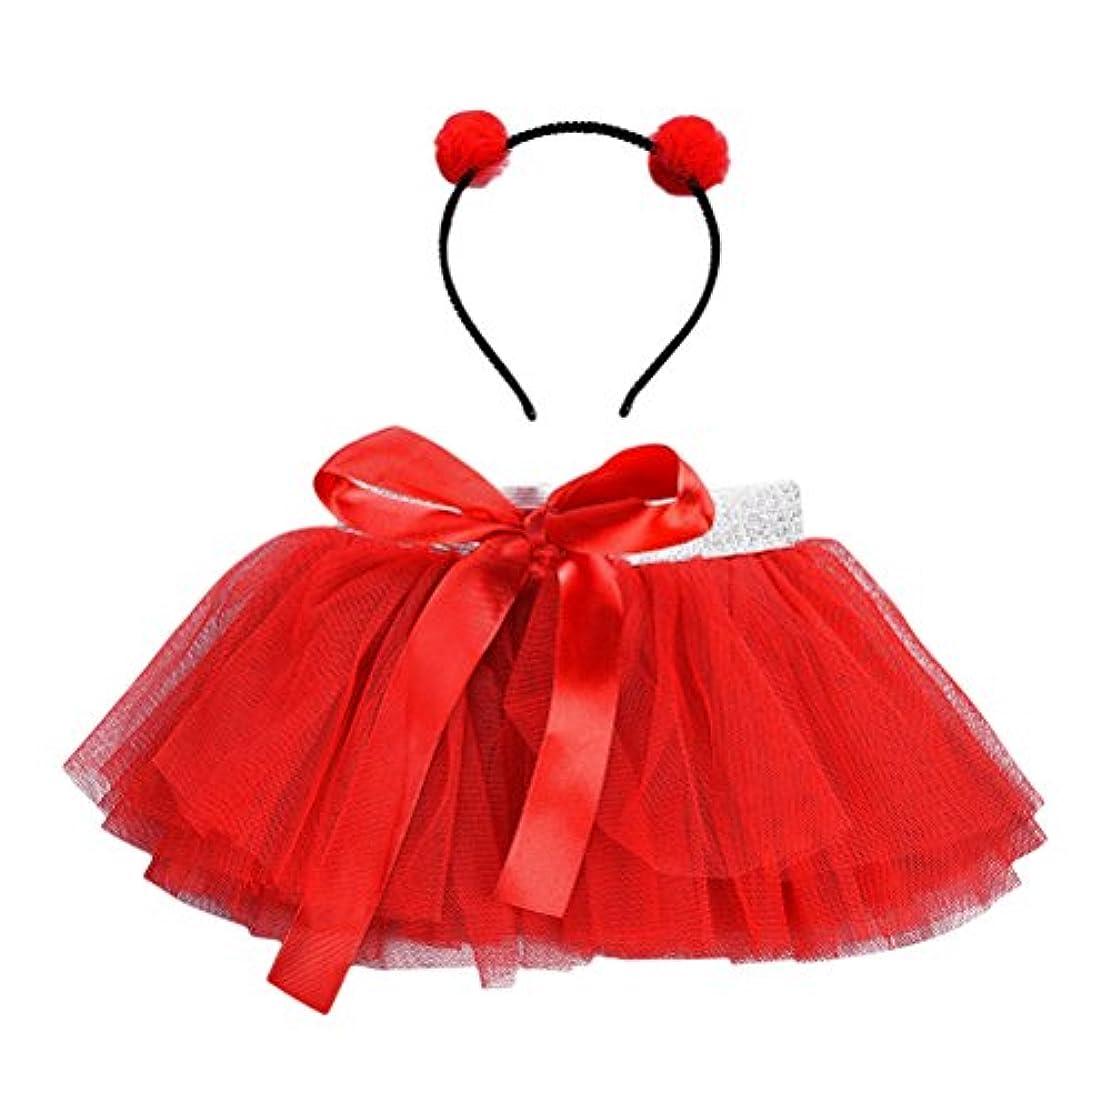 パーチナシティロバ弓LUOEM 女の子TutuスカートセットヘッドバンドプリンセスガールTutuの服装赤ちゃん女の子Birthday Outfit Set(Red)